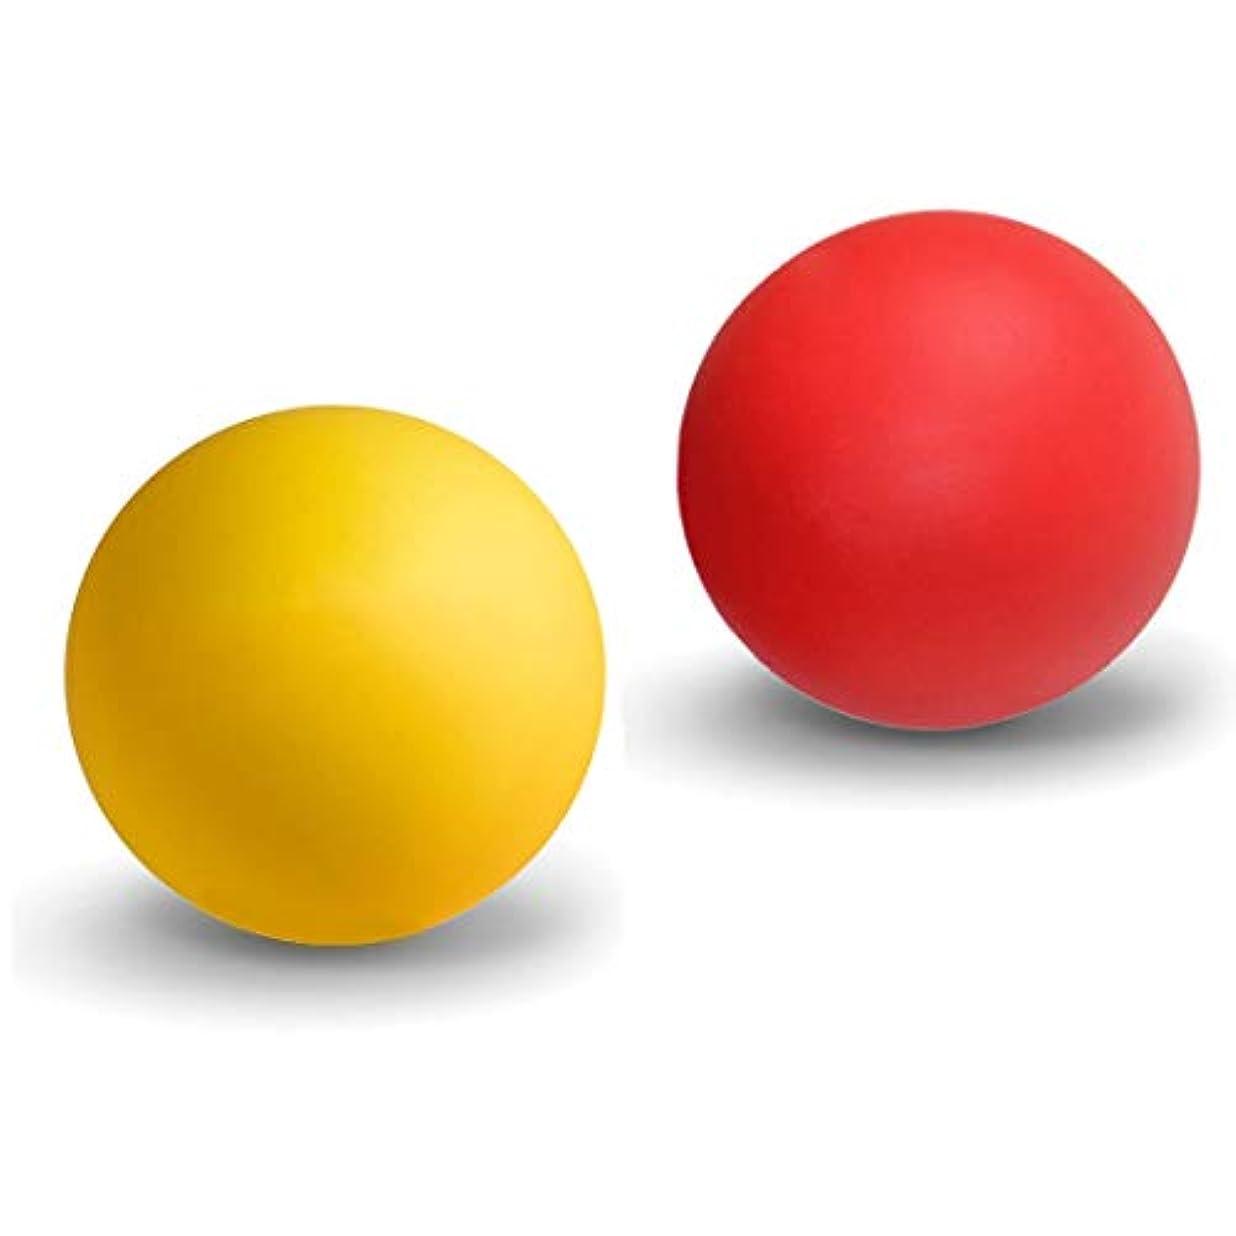 取り扱い資本教養があるマッサージボール ストレッチボール トリガーポイント ラクロスボール 筋膜リリース トレーニング 指圧ボールマッスルマッサージボール 背中 肩こり 腰 ふくらはぎ 足裏 ツボ押しグッズ 2で1組み合わせ 2個 セット